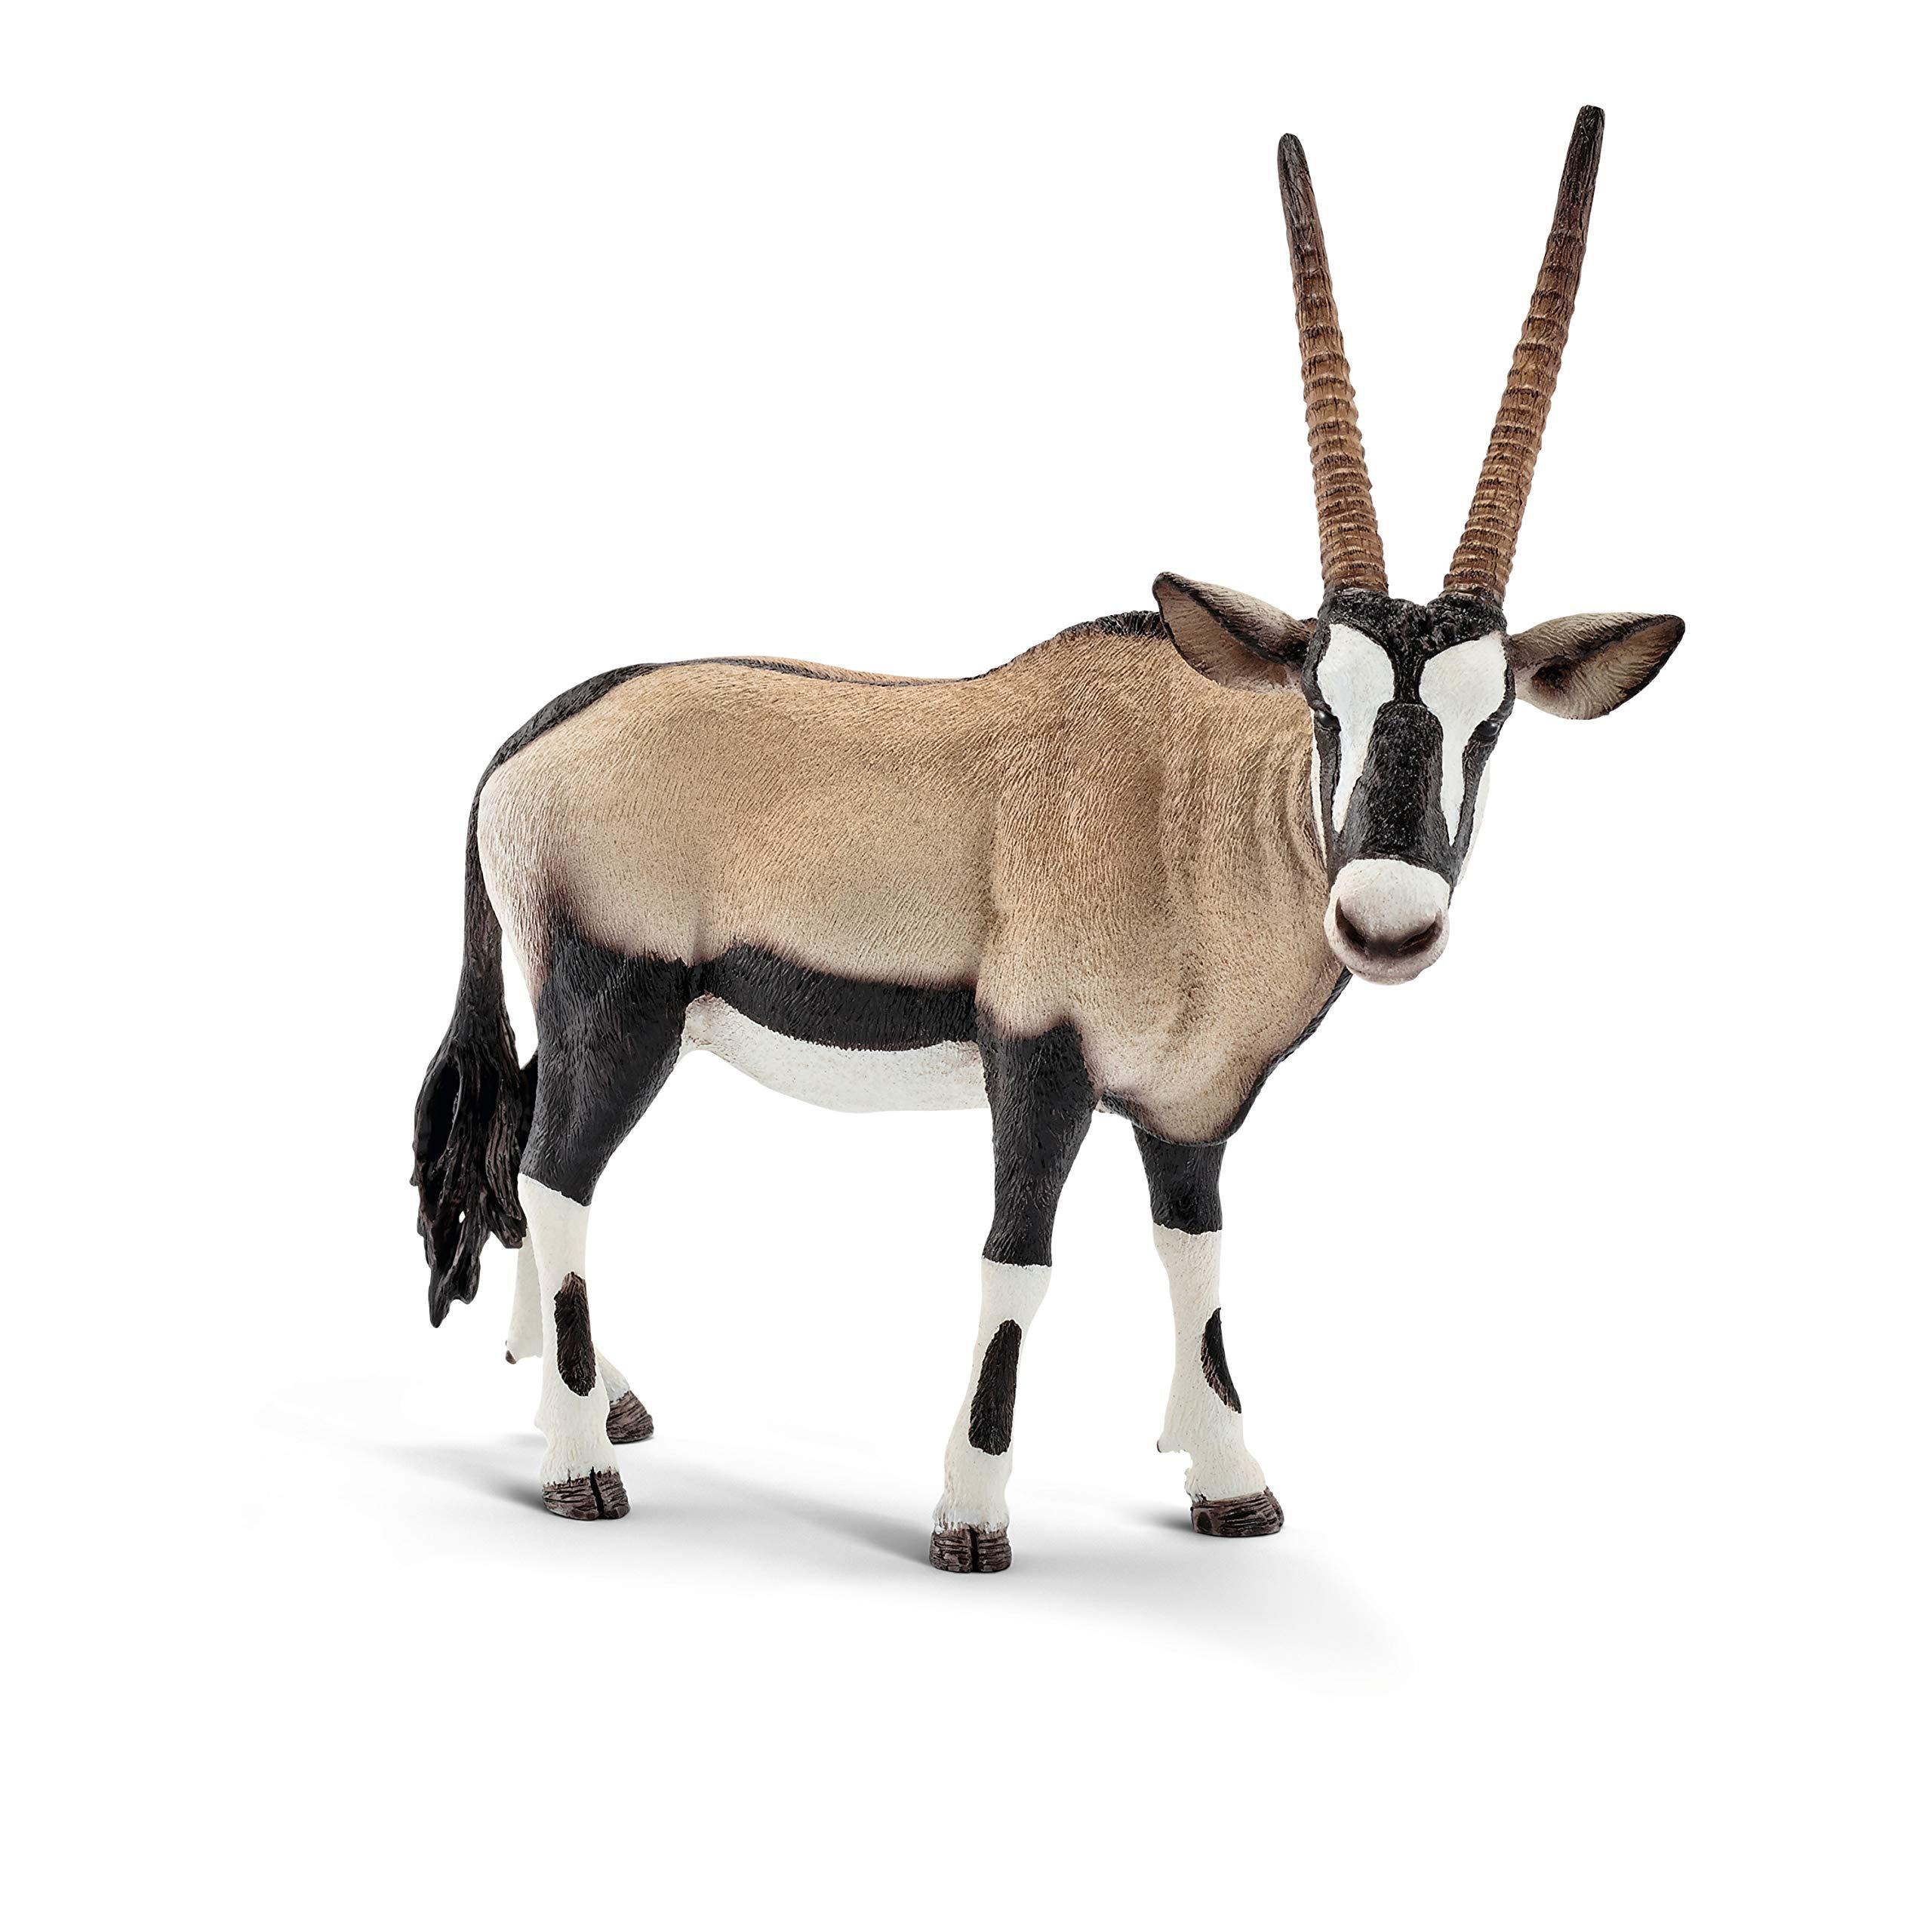 Schleich 14759 Africa Oryx Toy Figure